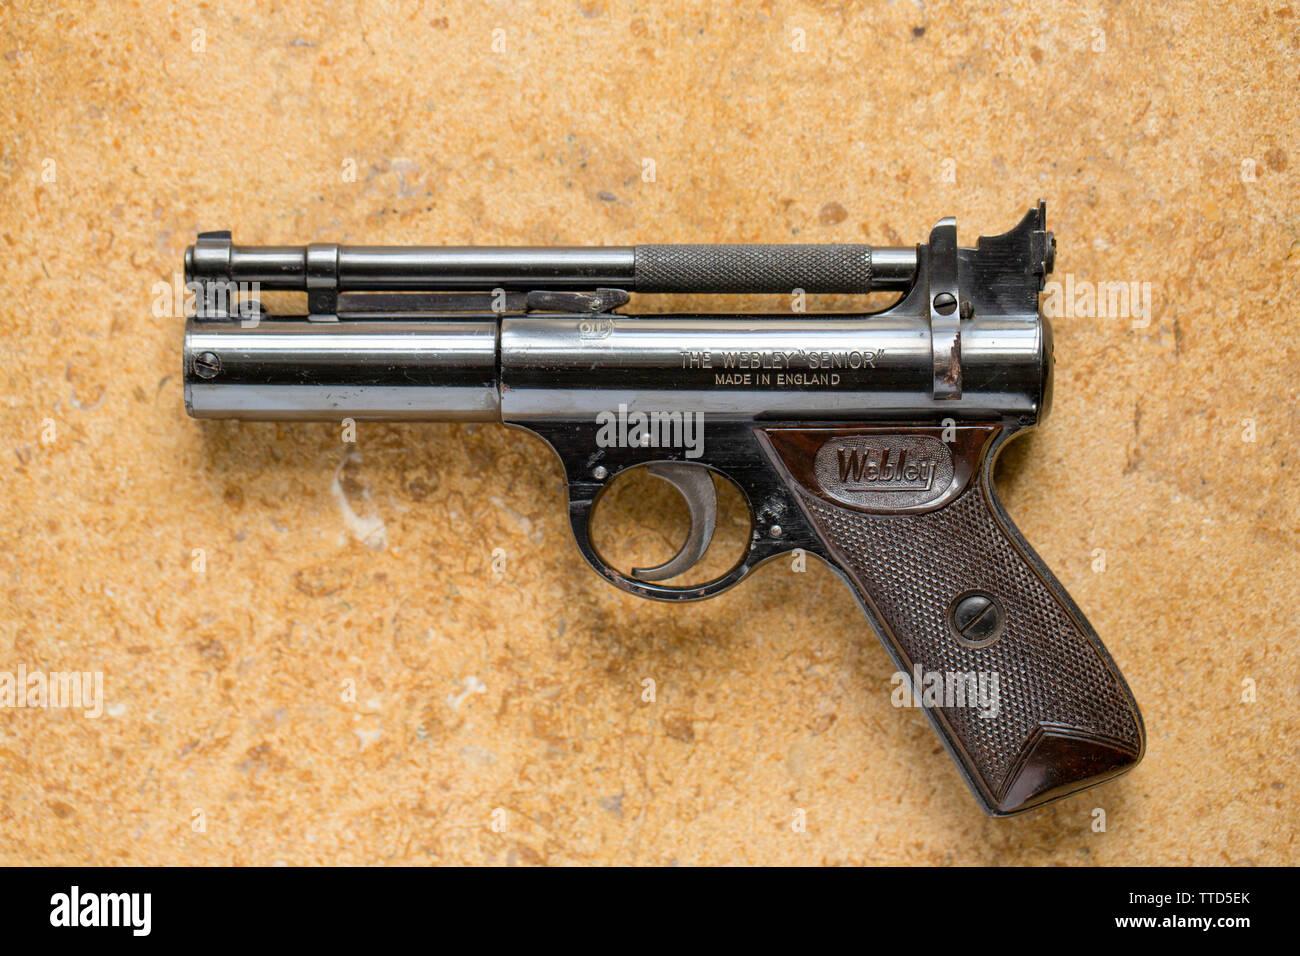 Webley Pistol Stock Photos & Webley Pistol Stock Images - Alamy